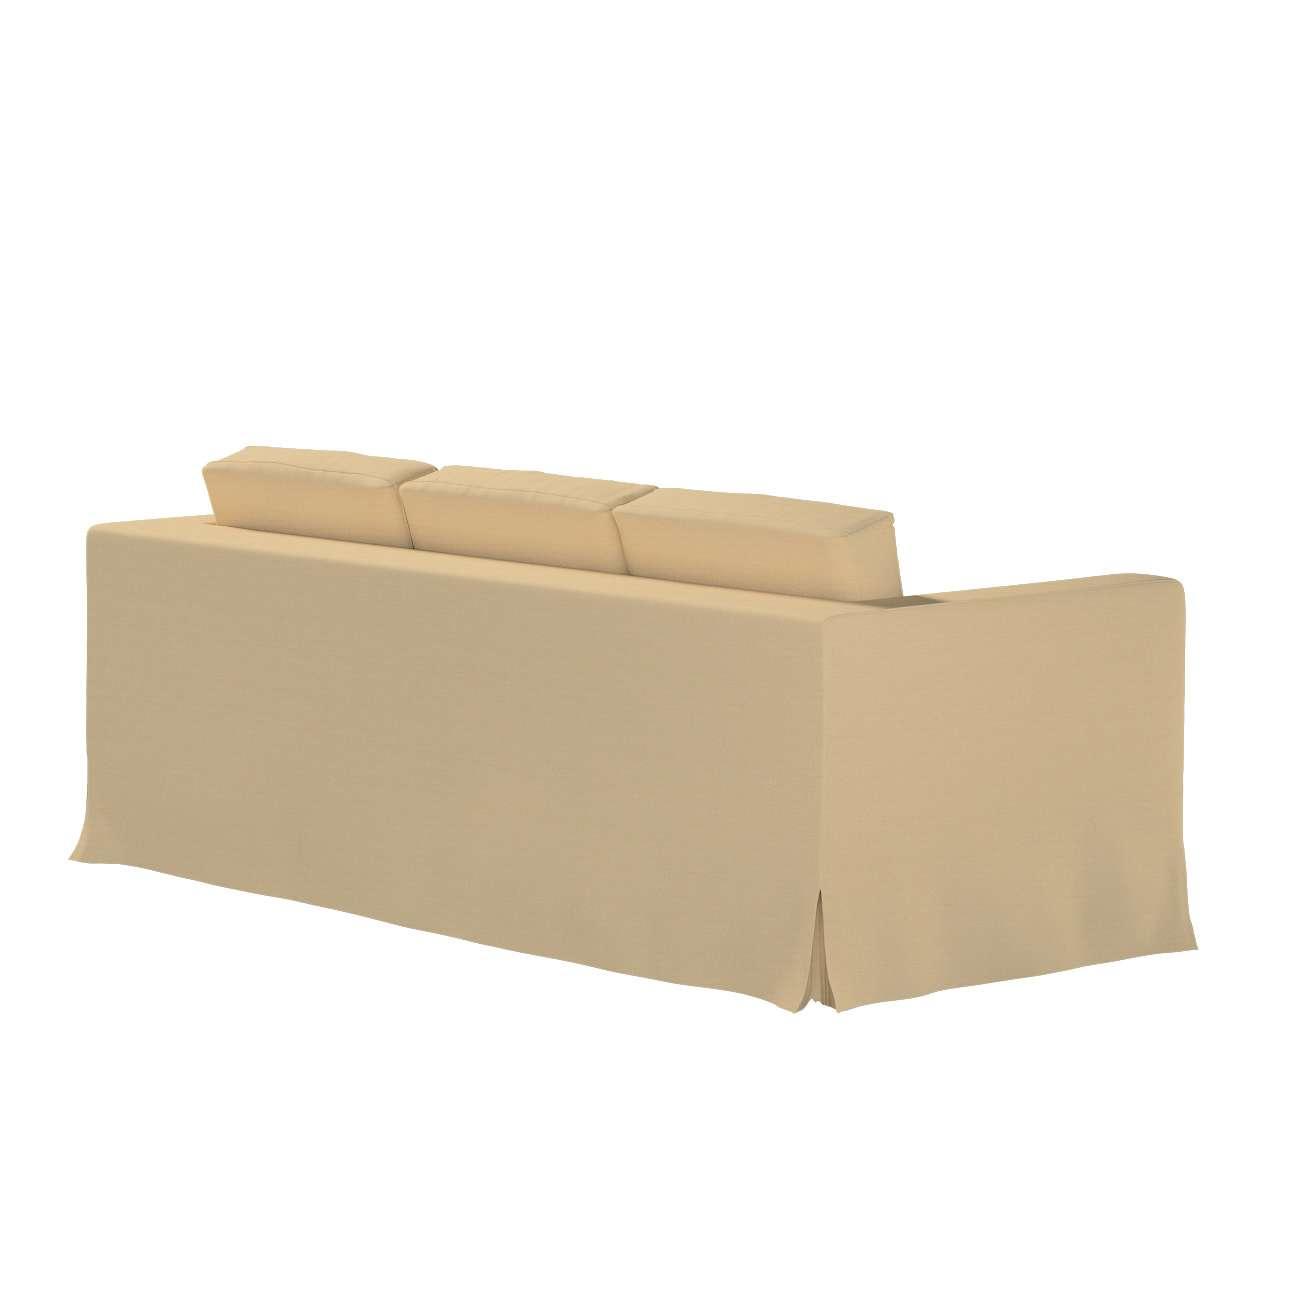 Potah na pohovku IKEA  Karlanda 3-místná nerozkládací, dlouhý v kolekci Cotton Panama, látka: 702-01